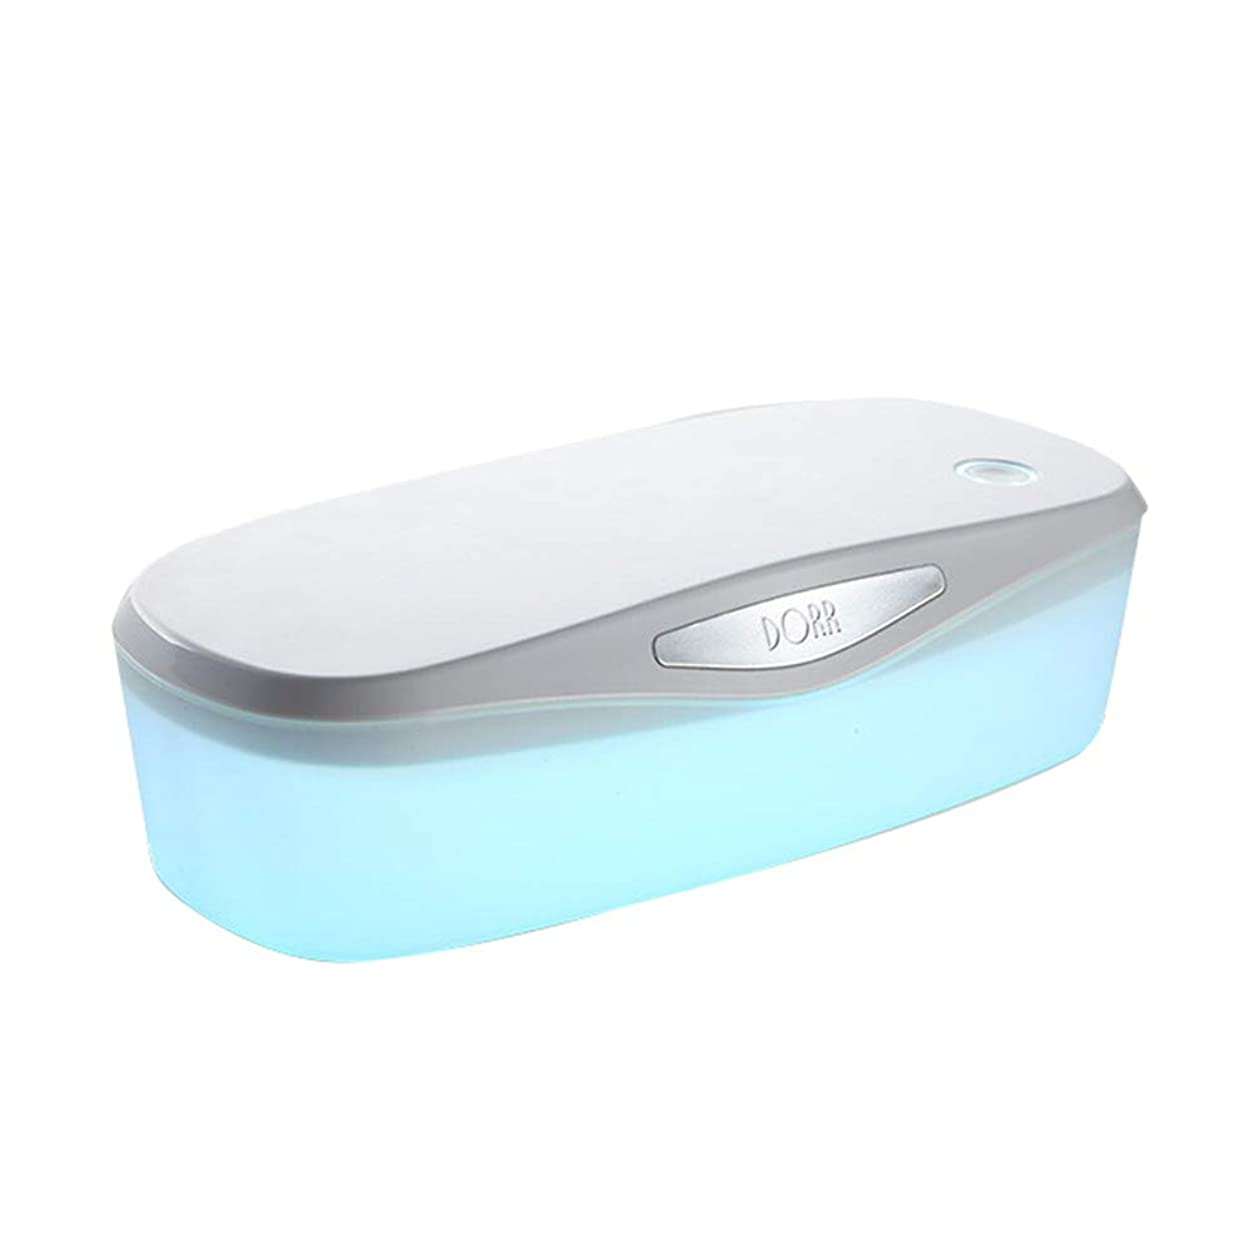 ご予約ガジュマル日焼け紫外線殺菌箱、携帯用USBの抗菌性のオゾン殺菌の殺菌ランプが付いている紫外線殺菌装置、おしゃぶりのための美用具の滅菌装置成人用製品大広間用具食器類化粧筆歯ブラシ